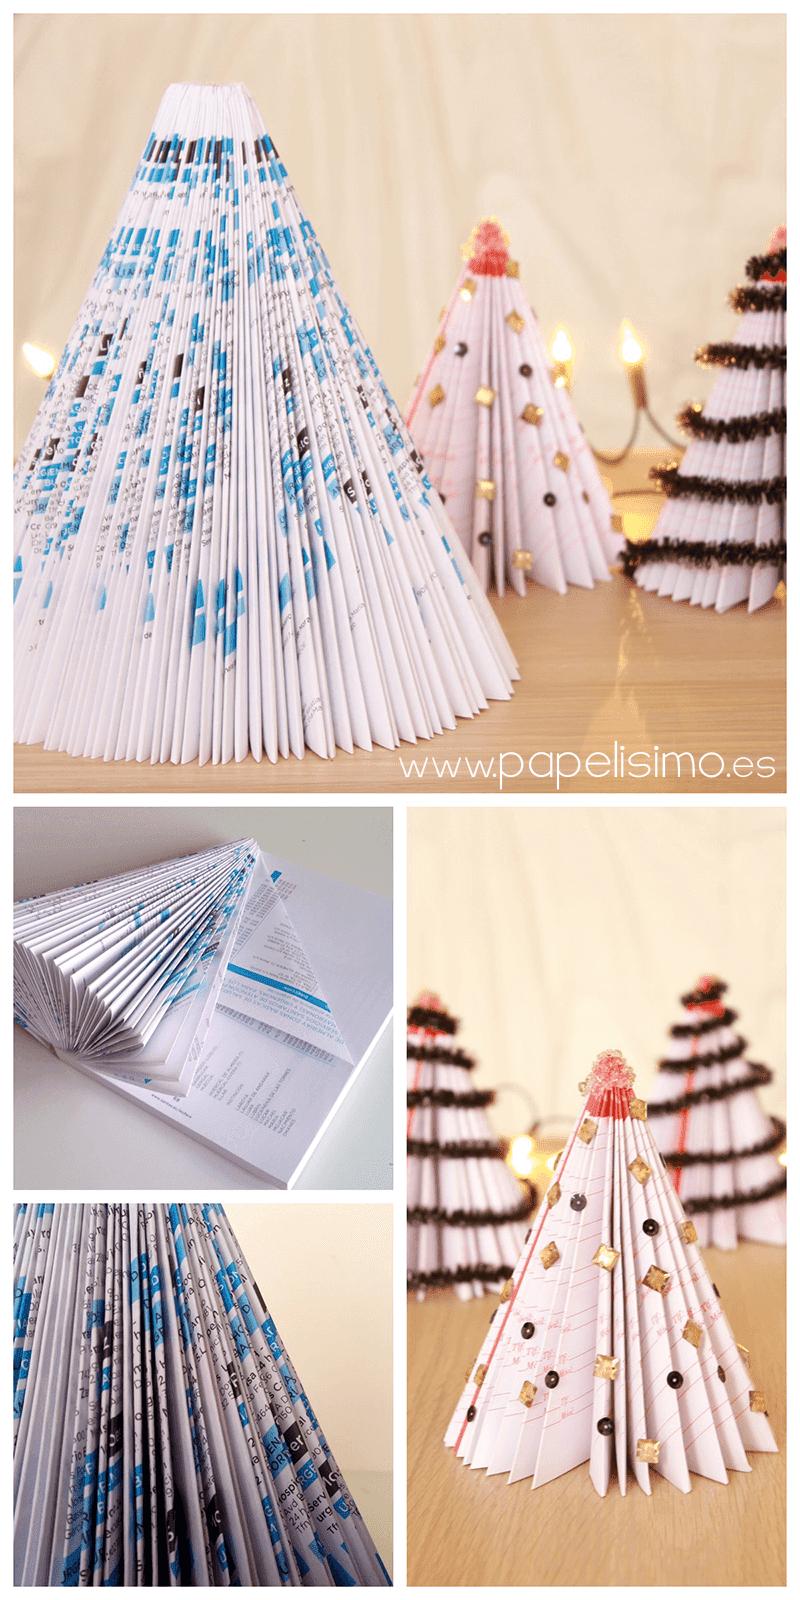 Árvore de natal para decoração feita com papel de revista